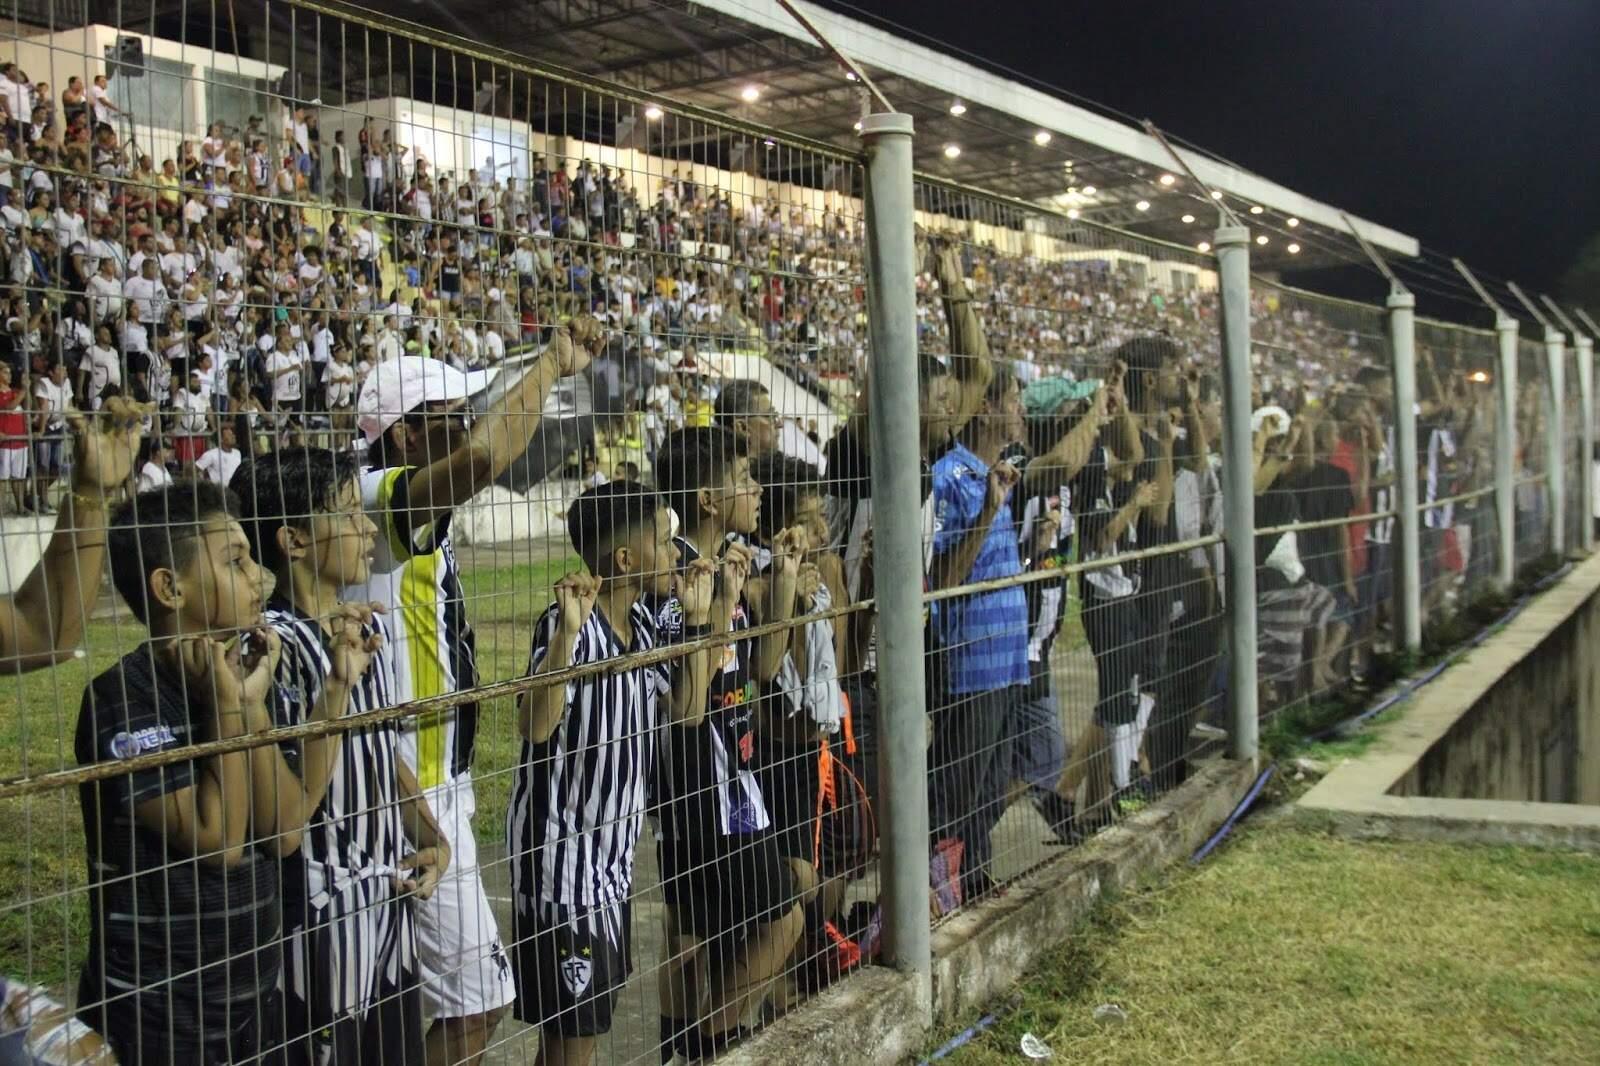 Torcedores do Corumbaense no alambrado do estádio Arthur Marinho, em dia de jogo do Corumbaense em casa (Foto: MS Esporte Clube)